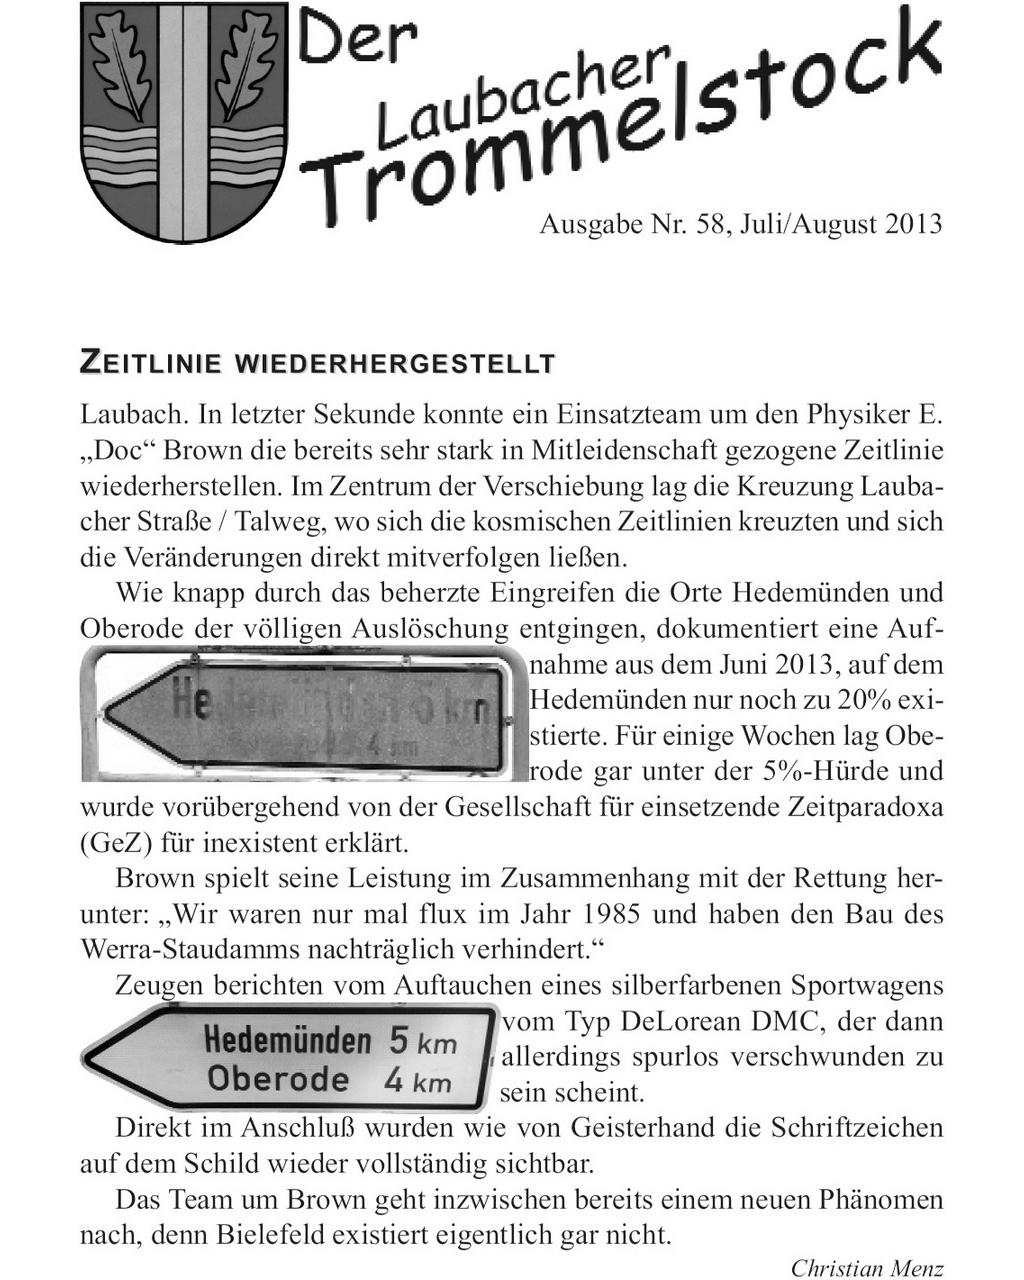 Laubacher-Trommelstock-Titelseite-058